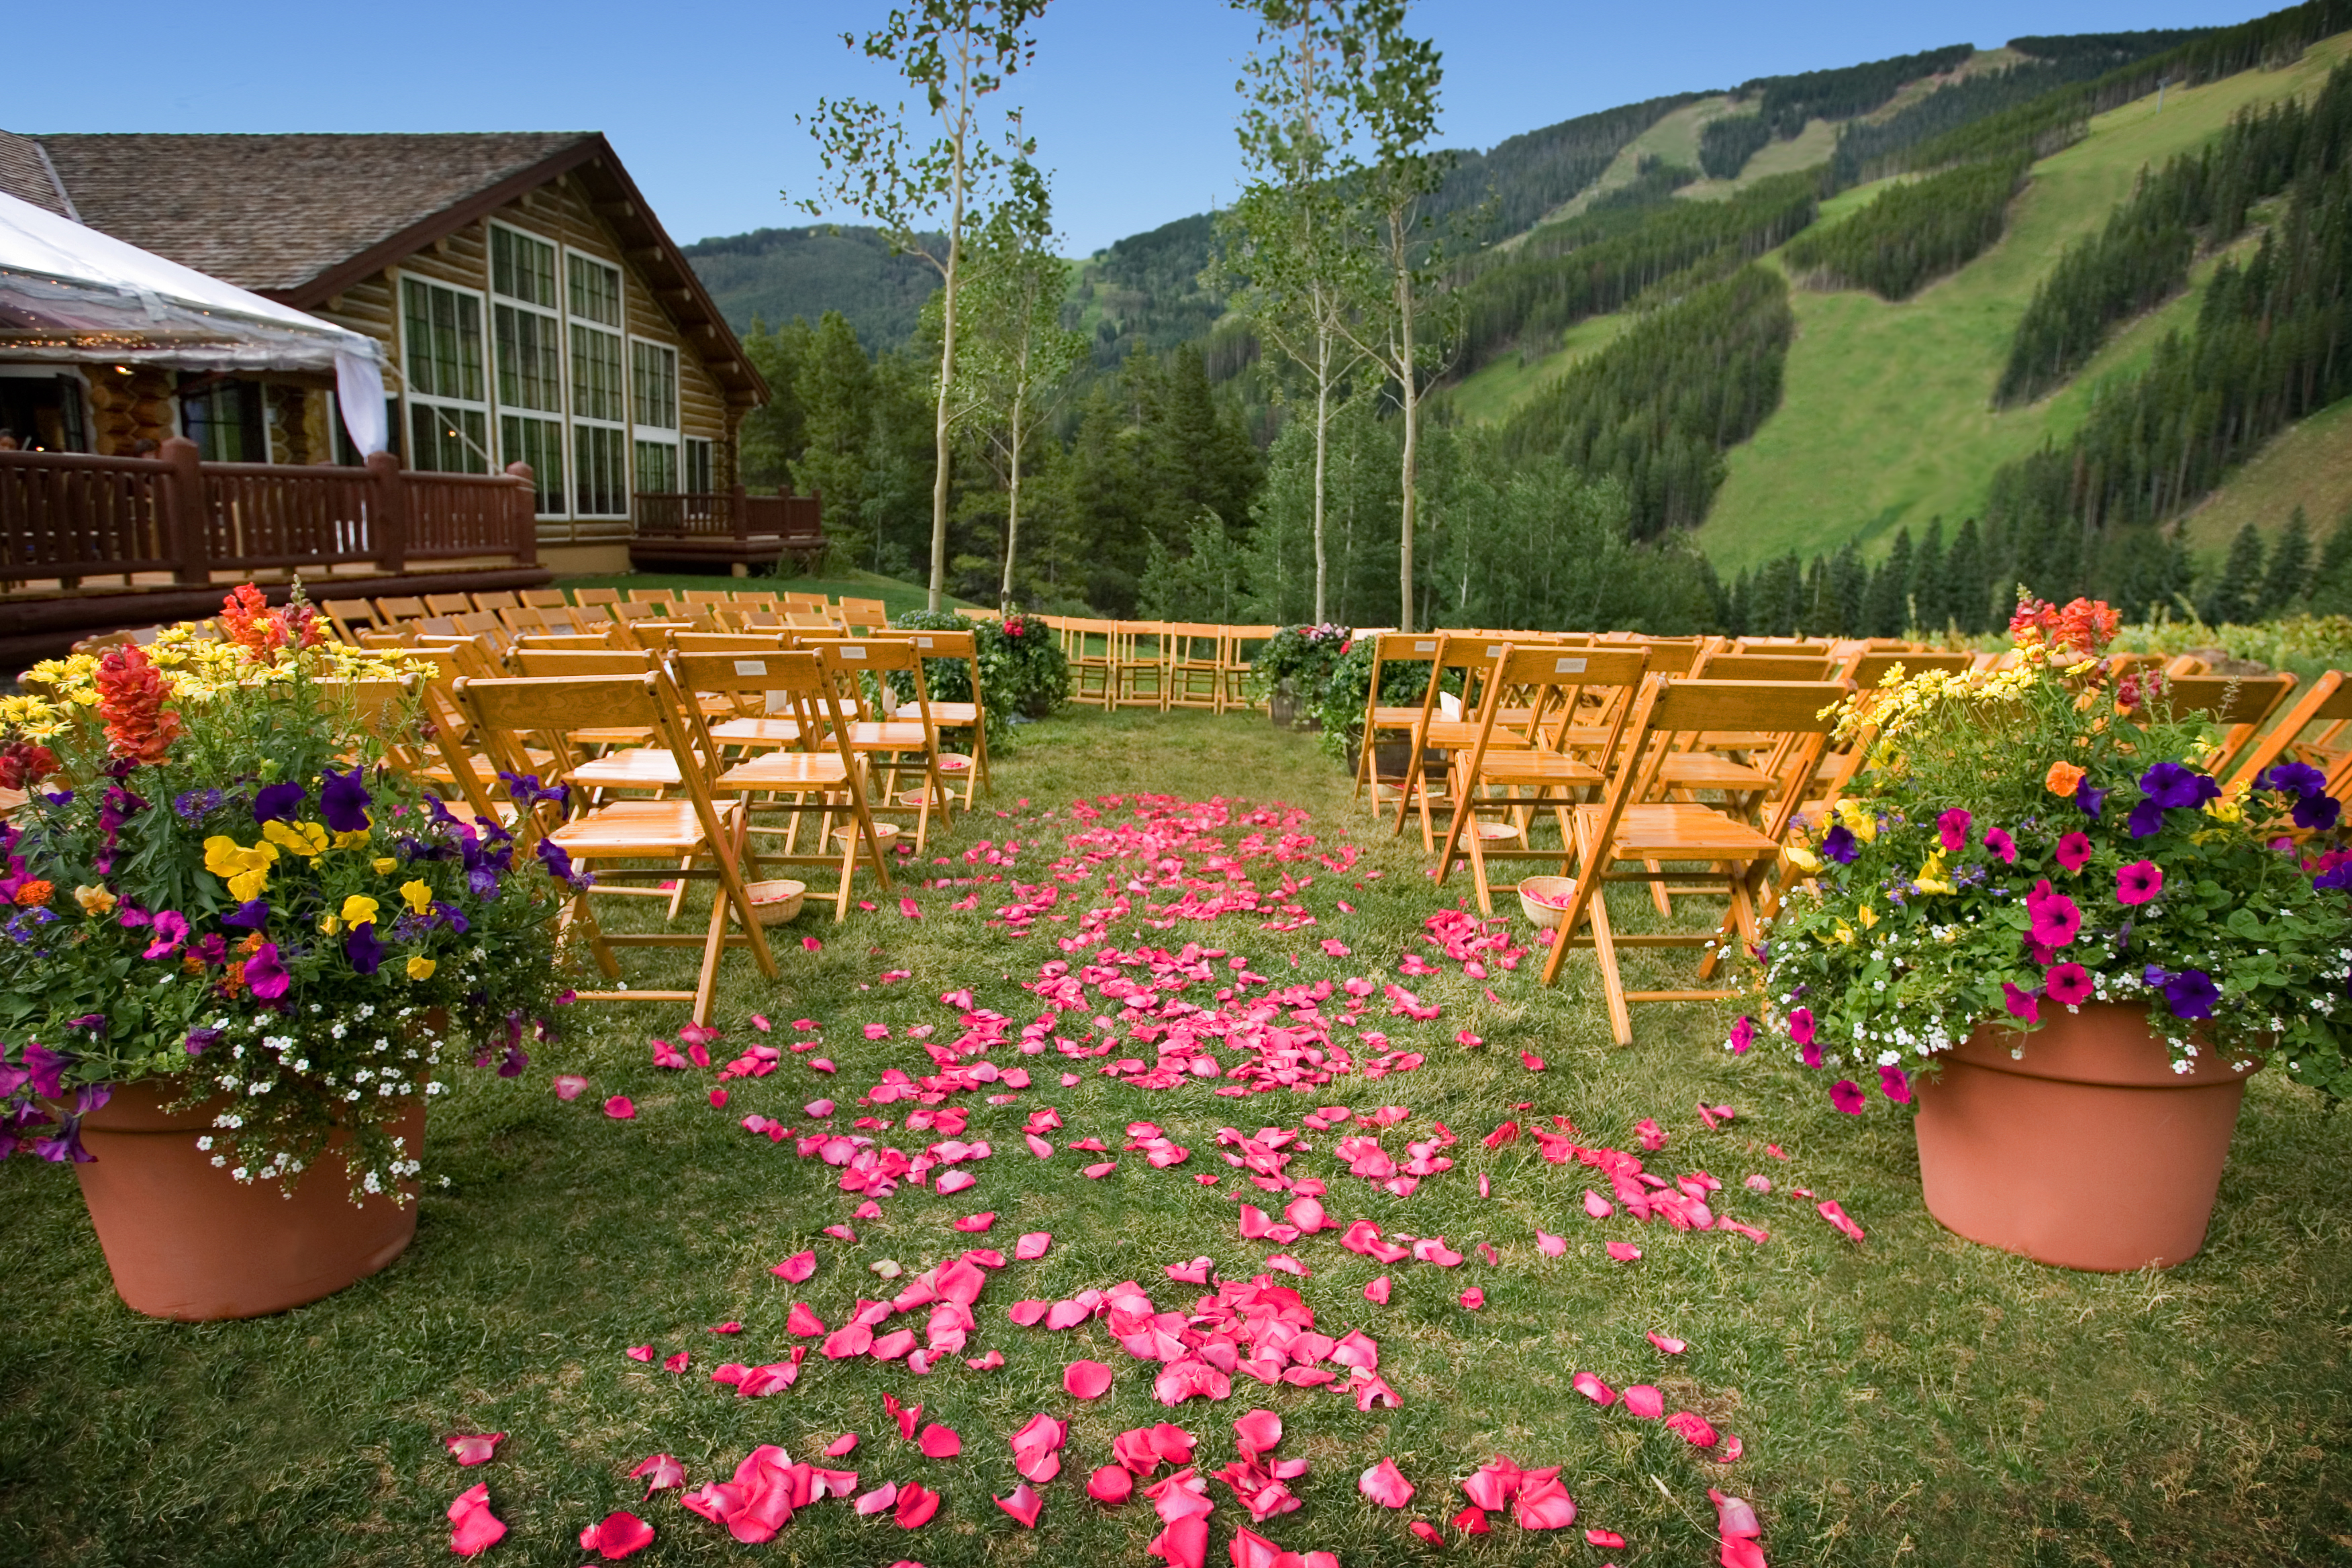 My wedding in colorado beanos cabin beaver creek resort for Beano s cabin beaver creek